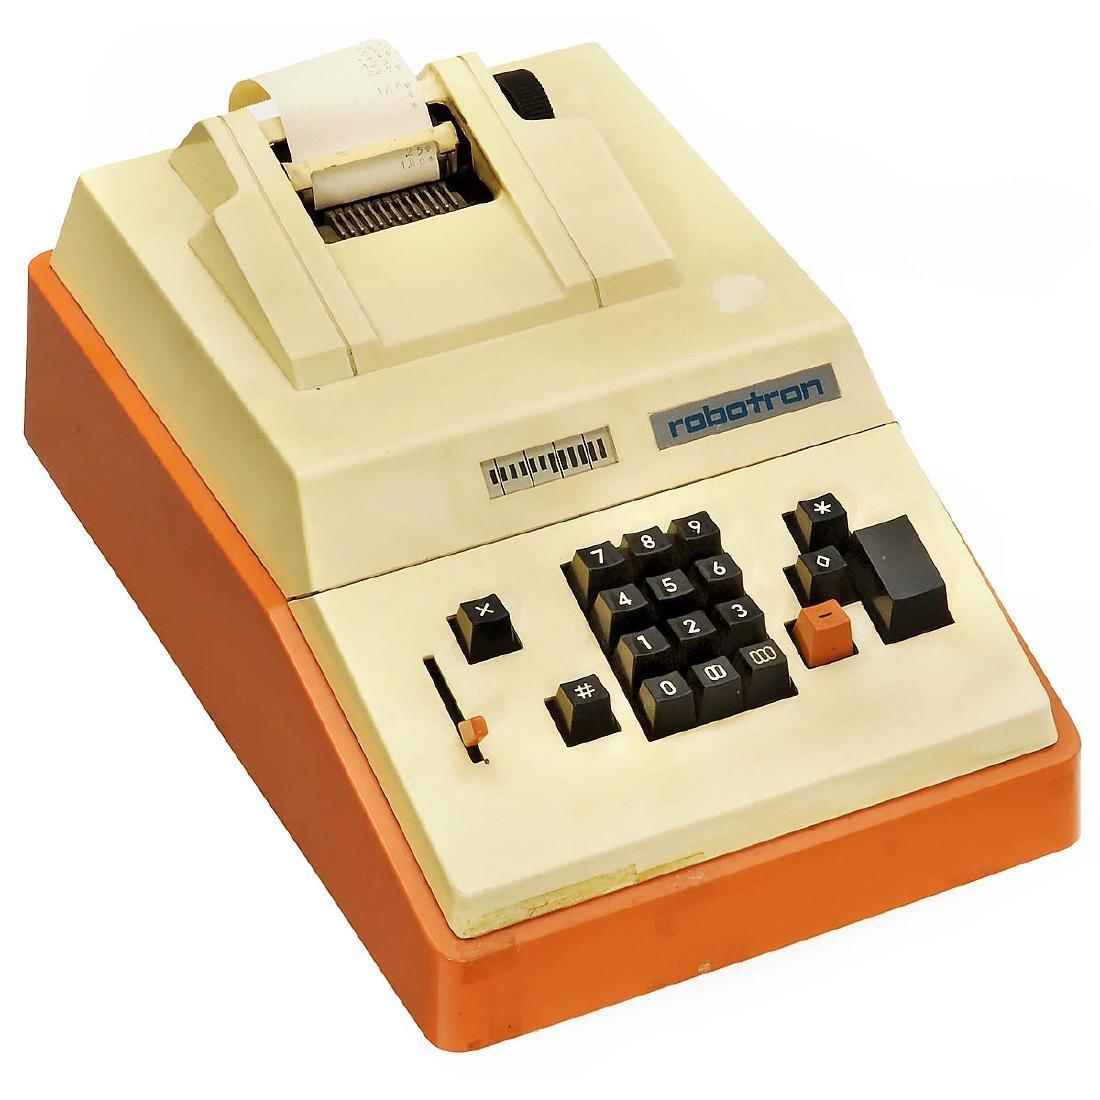 Robotron Mod. 314, 1972